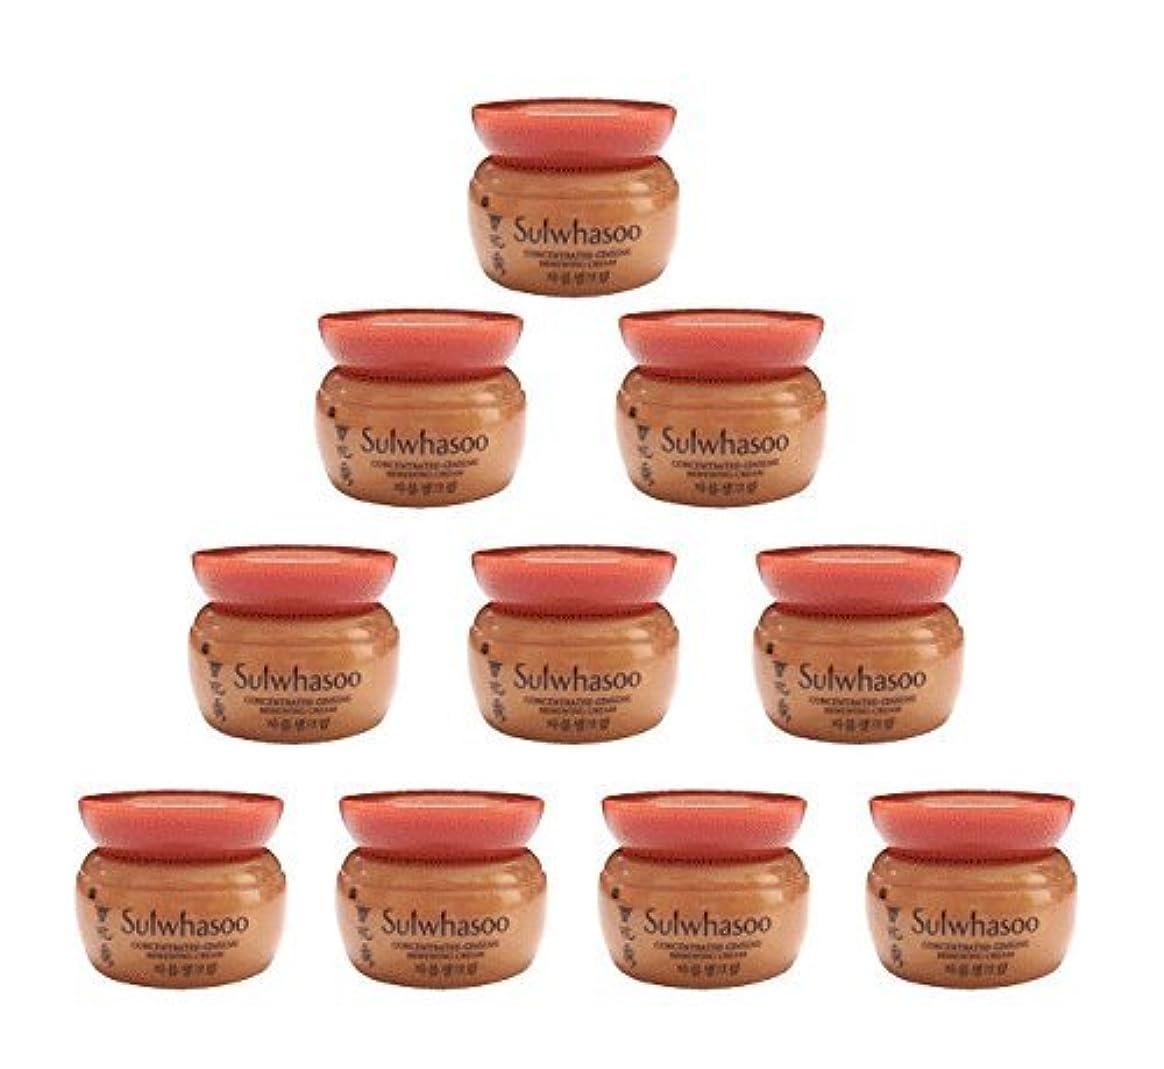 趣味動機付けるインディカ【ソルファス 雪花秀 Sulwhasoo】 Concentrated Ginseng Renewing Cream(50ml) 5ml x 10個 韓国化粧品 ブランドのサンプル [並行輸入品]